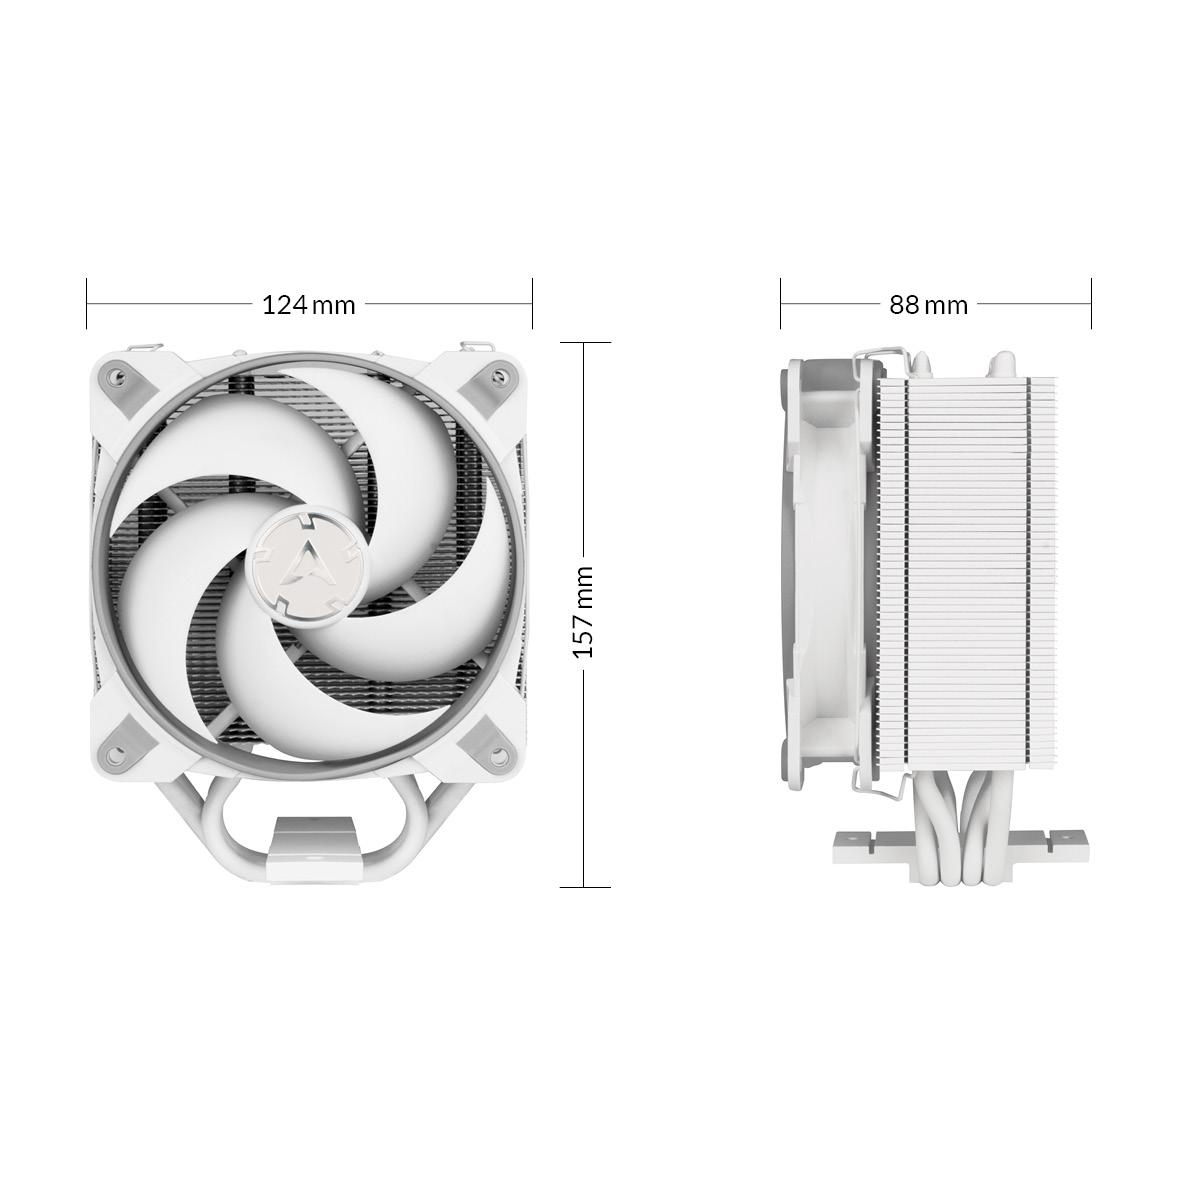 freezer-34-esports-grey-white-dimensions